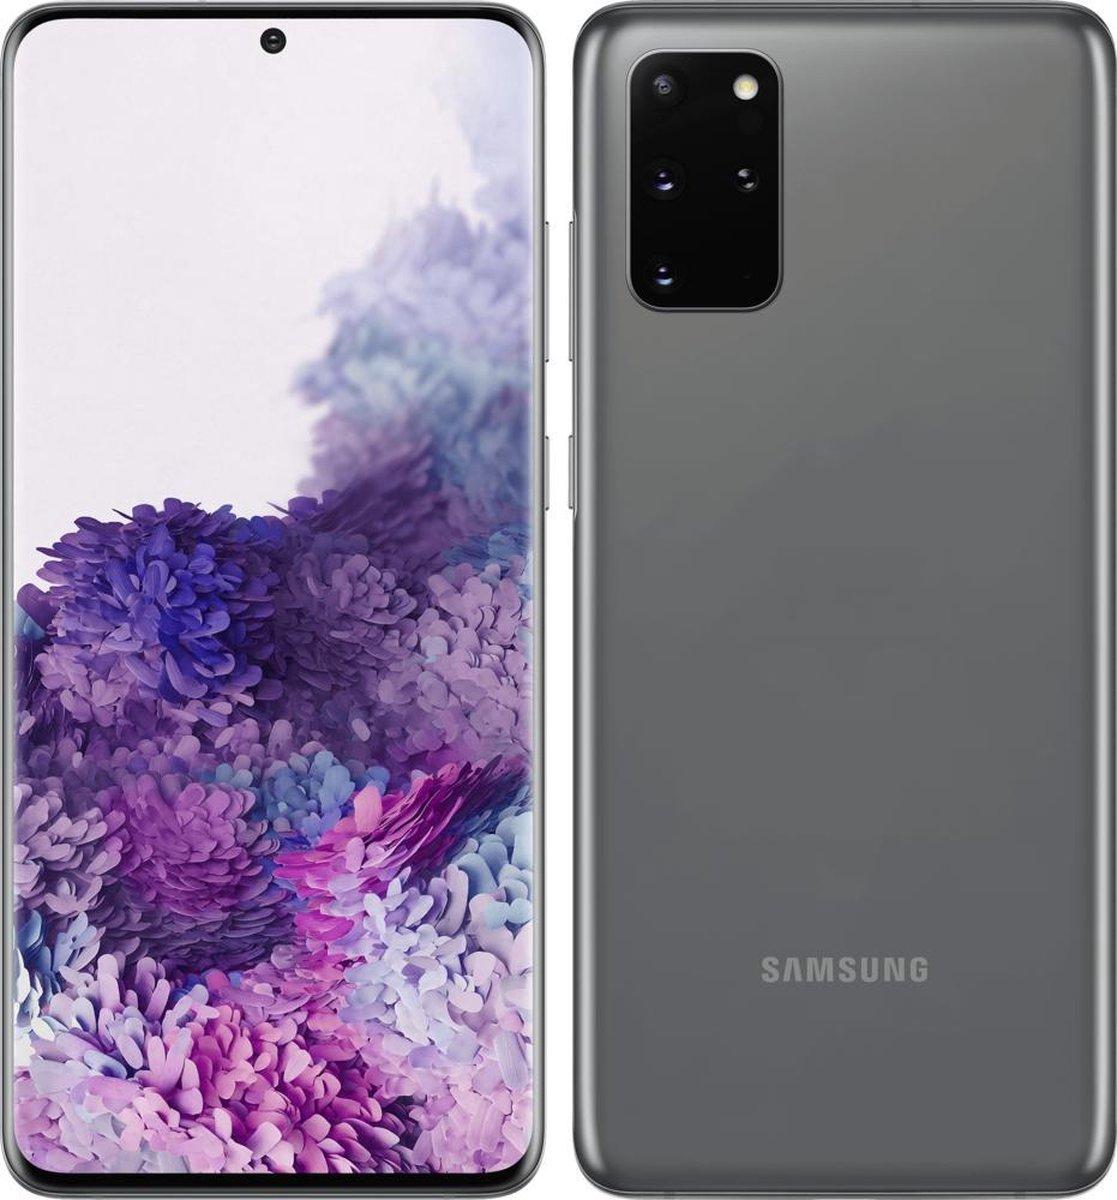 Samsung Galaxy S20+ 5G – Alloccaz Refurbished – C grade (Zichtbaar gebruikt) – 128GB – Zwart (Prism Black)